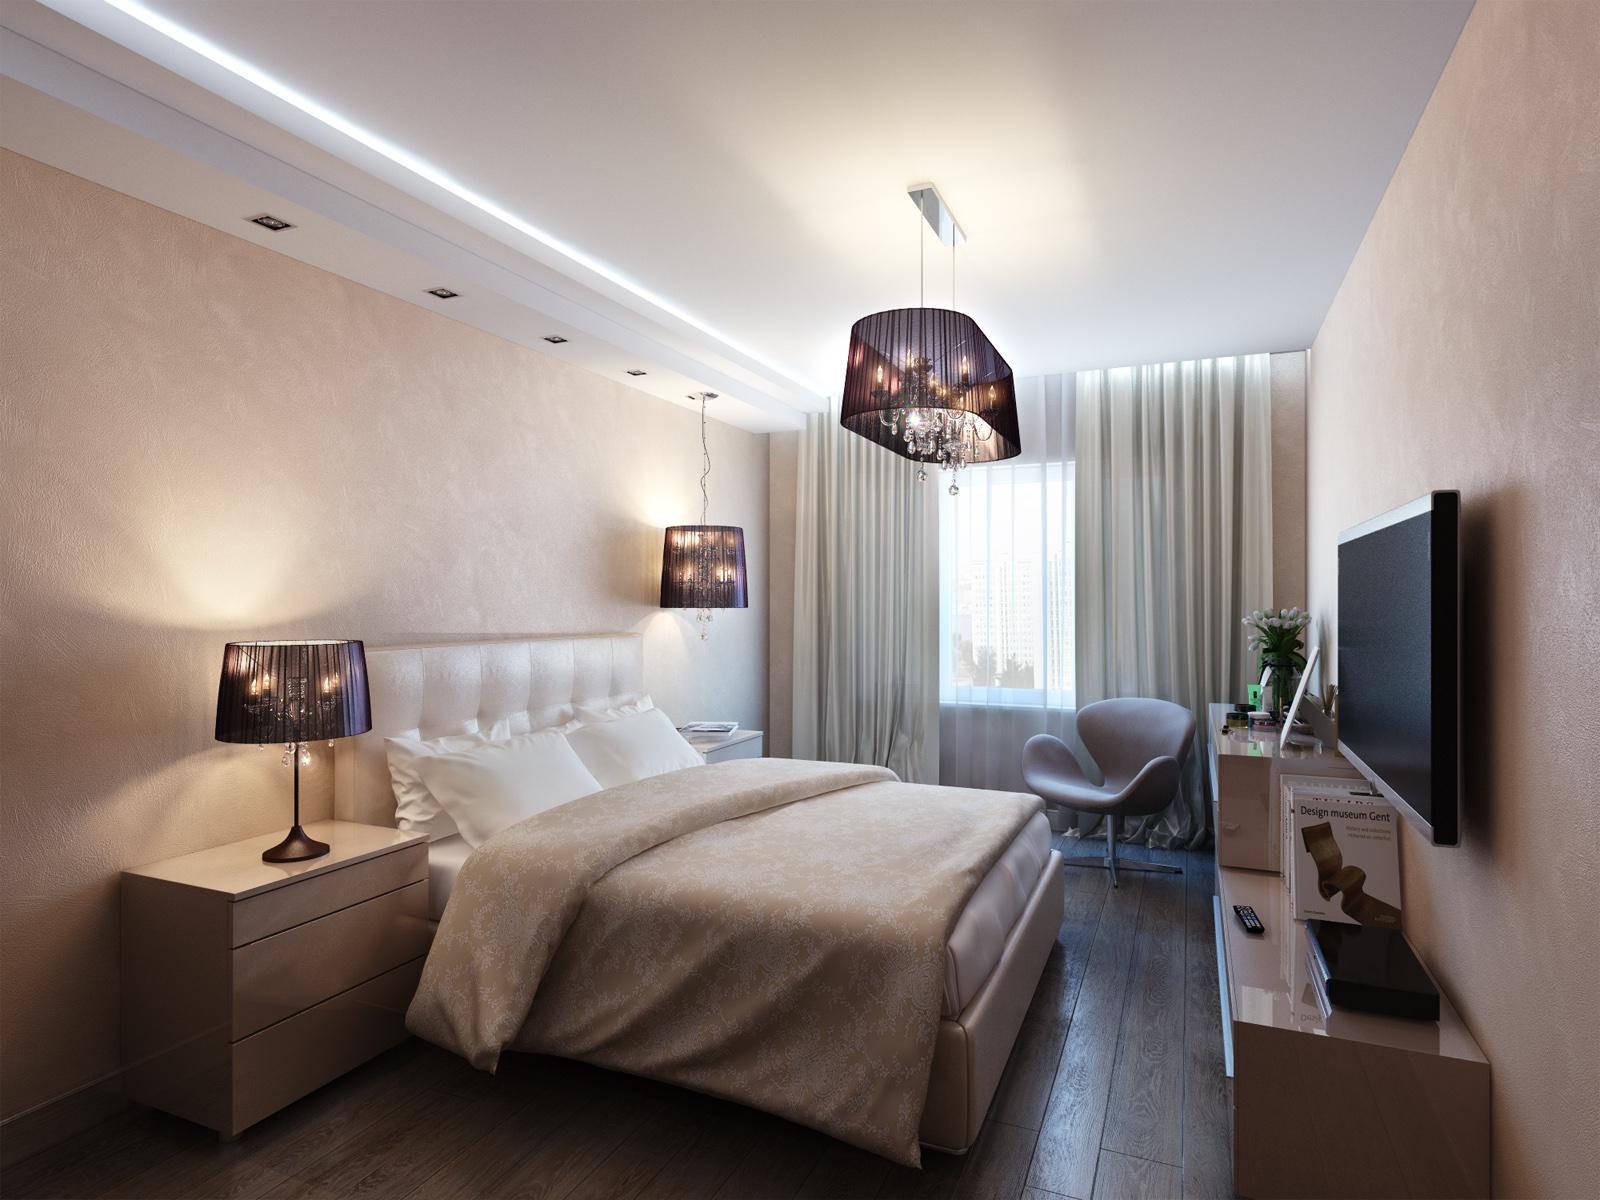 матовый натяжной потолок в спальне фото вирусного маркетинга большей